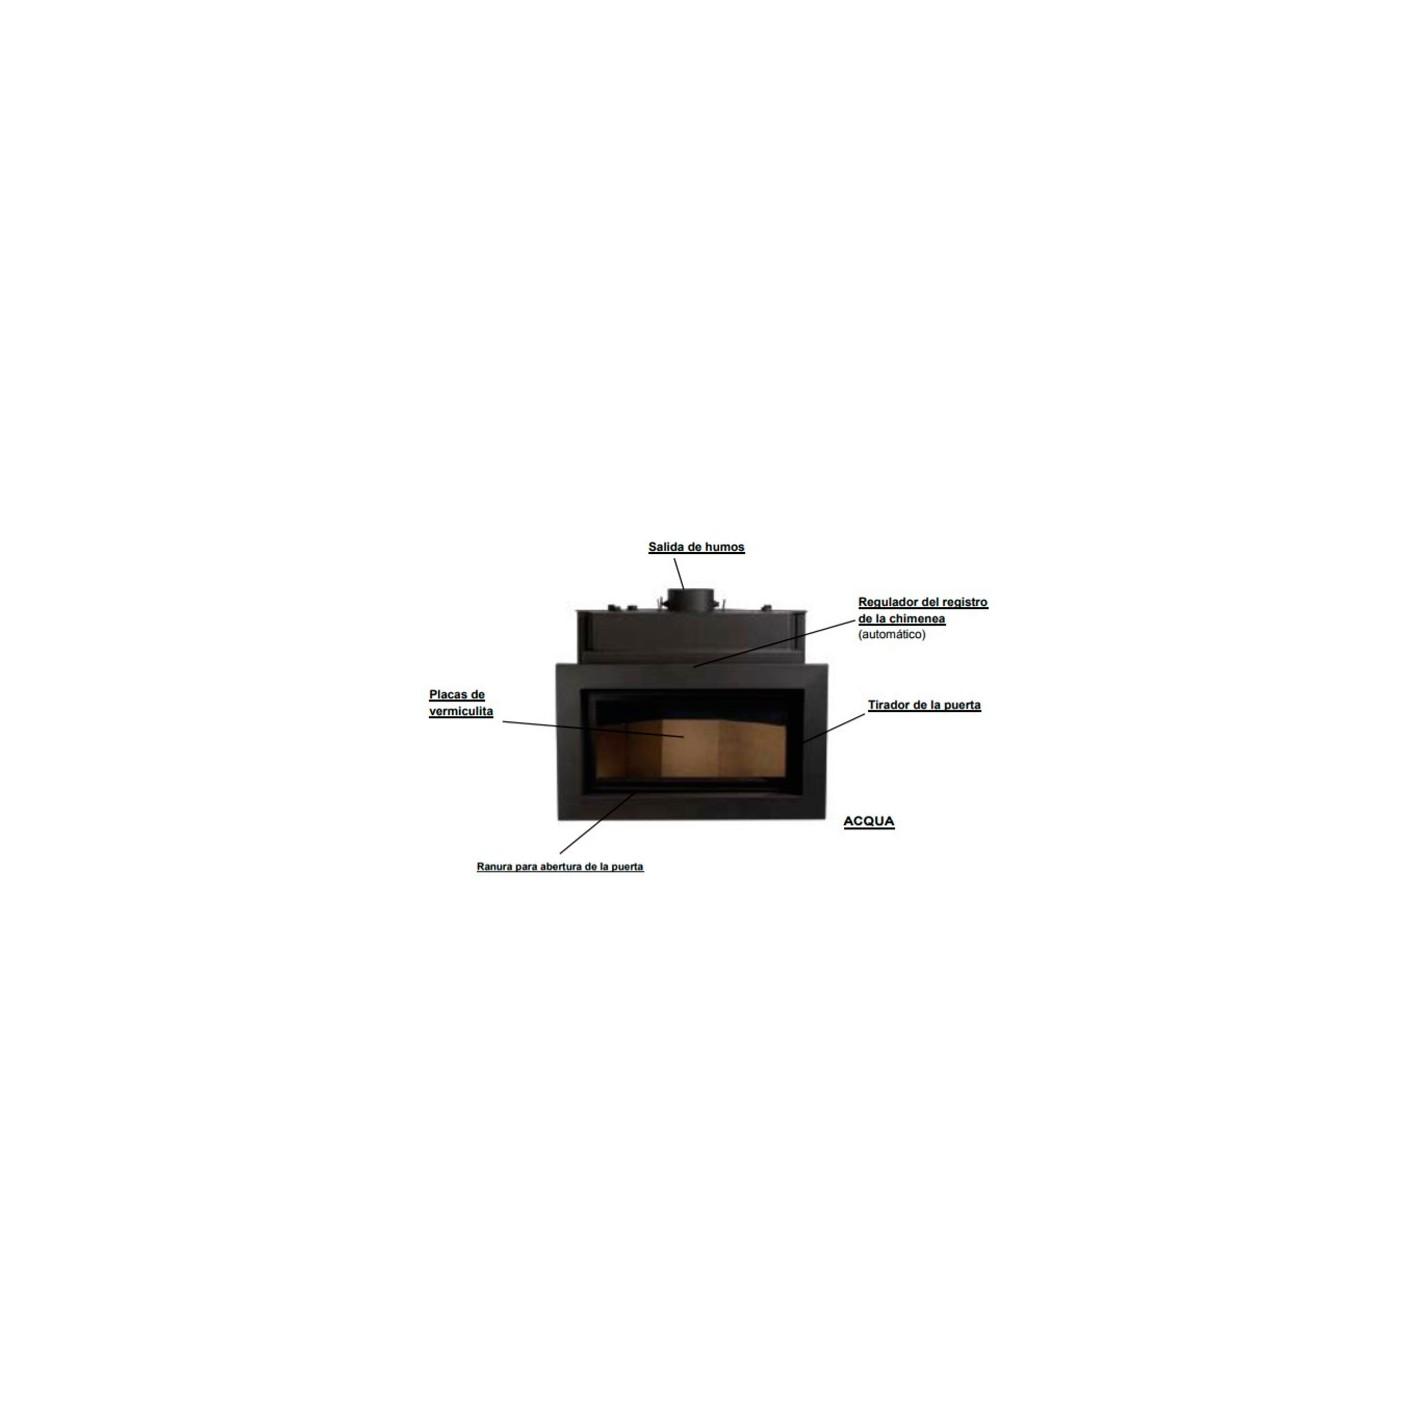 Radiadores de agua precios great latest radiador de agua for Estufas de lena para radiadores de agua precios